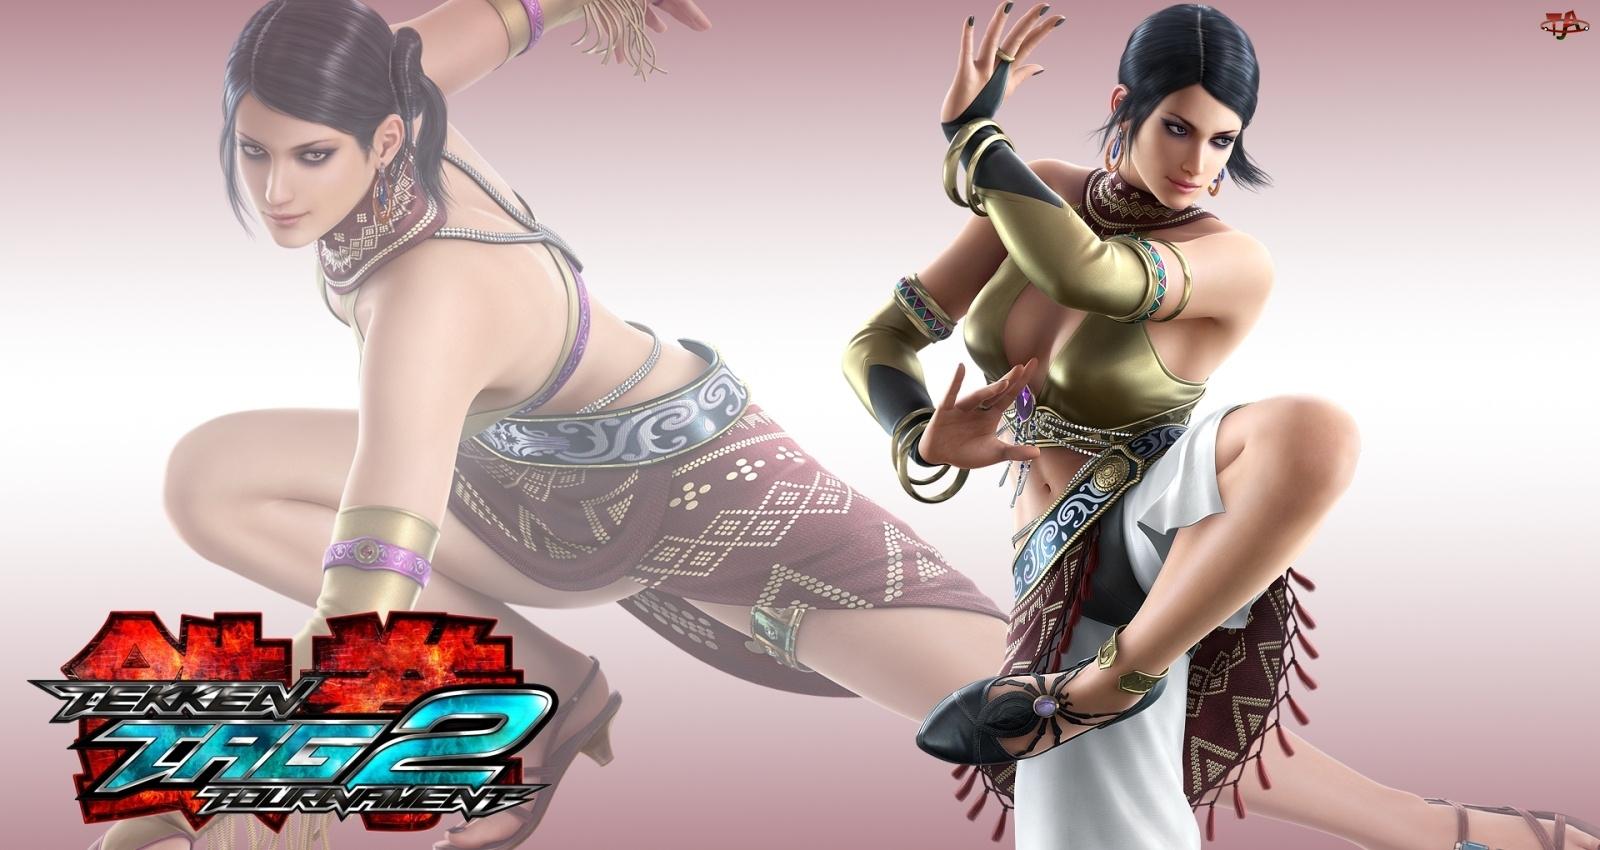 Zafina, Tekken Tag Tournament 2